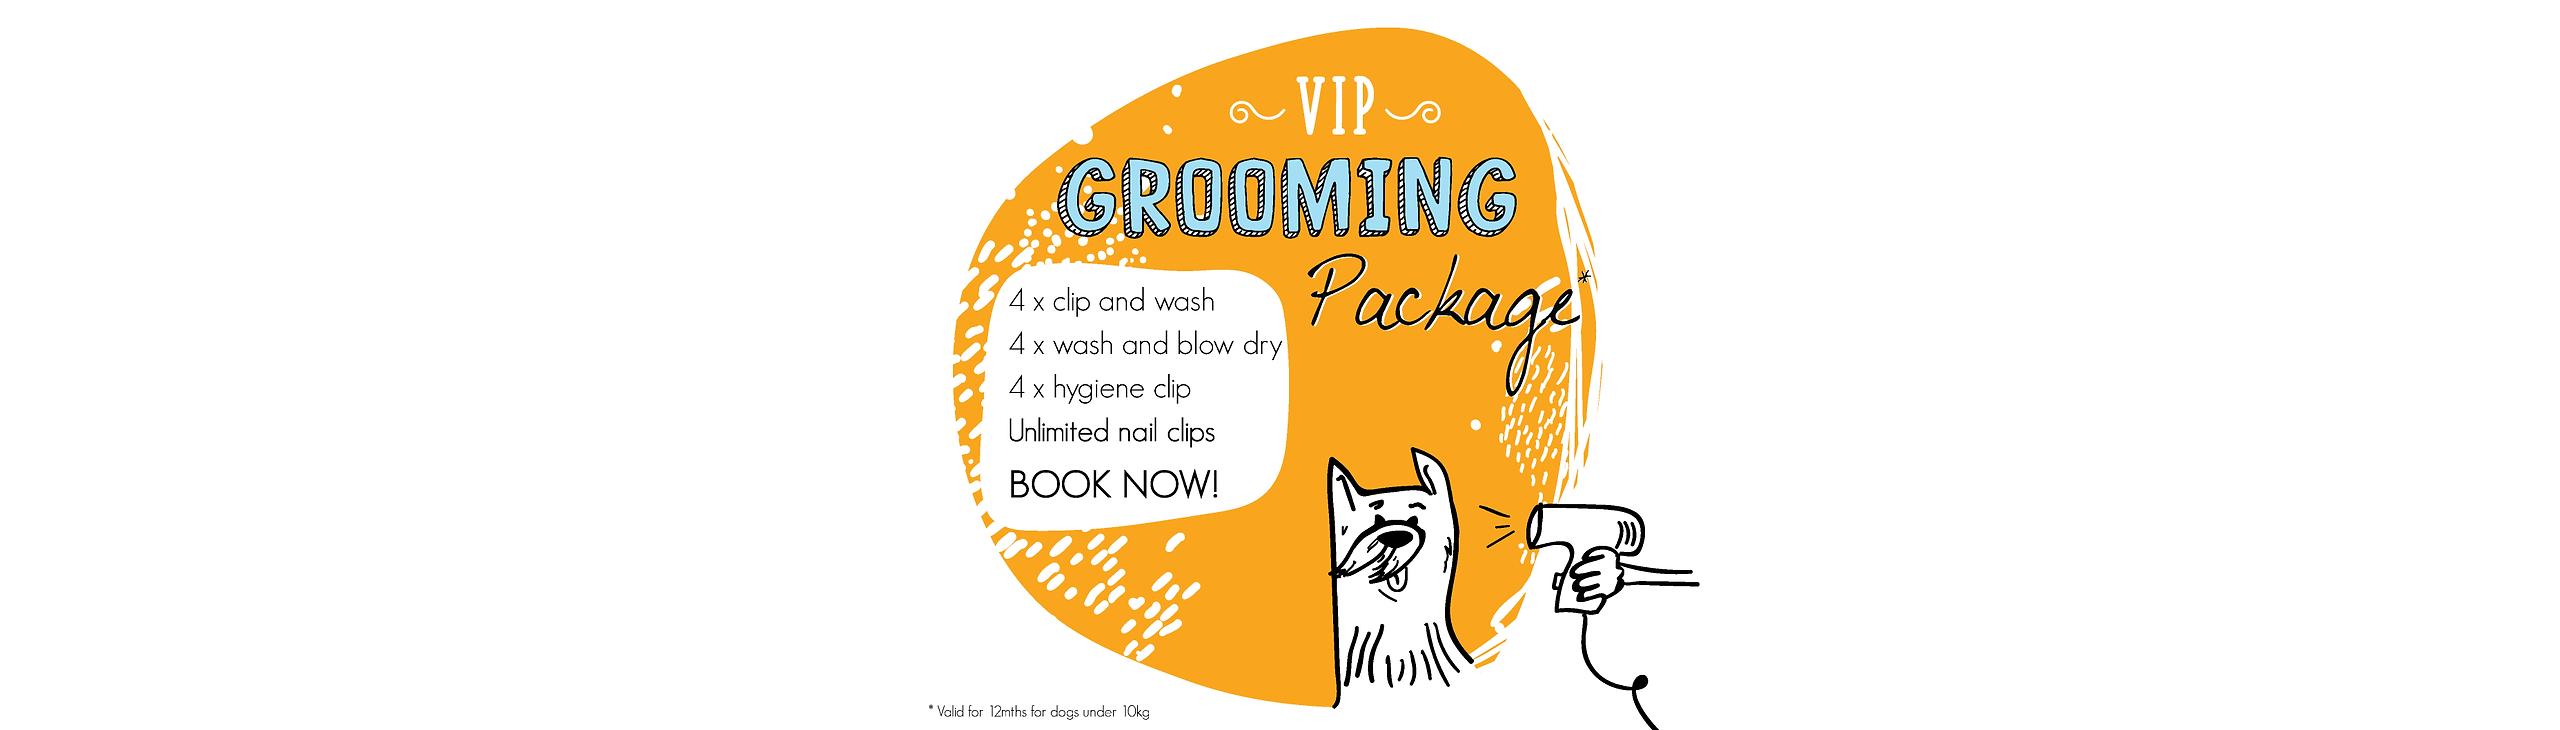 Grooming-PromoV2.png